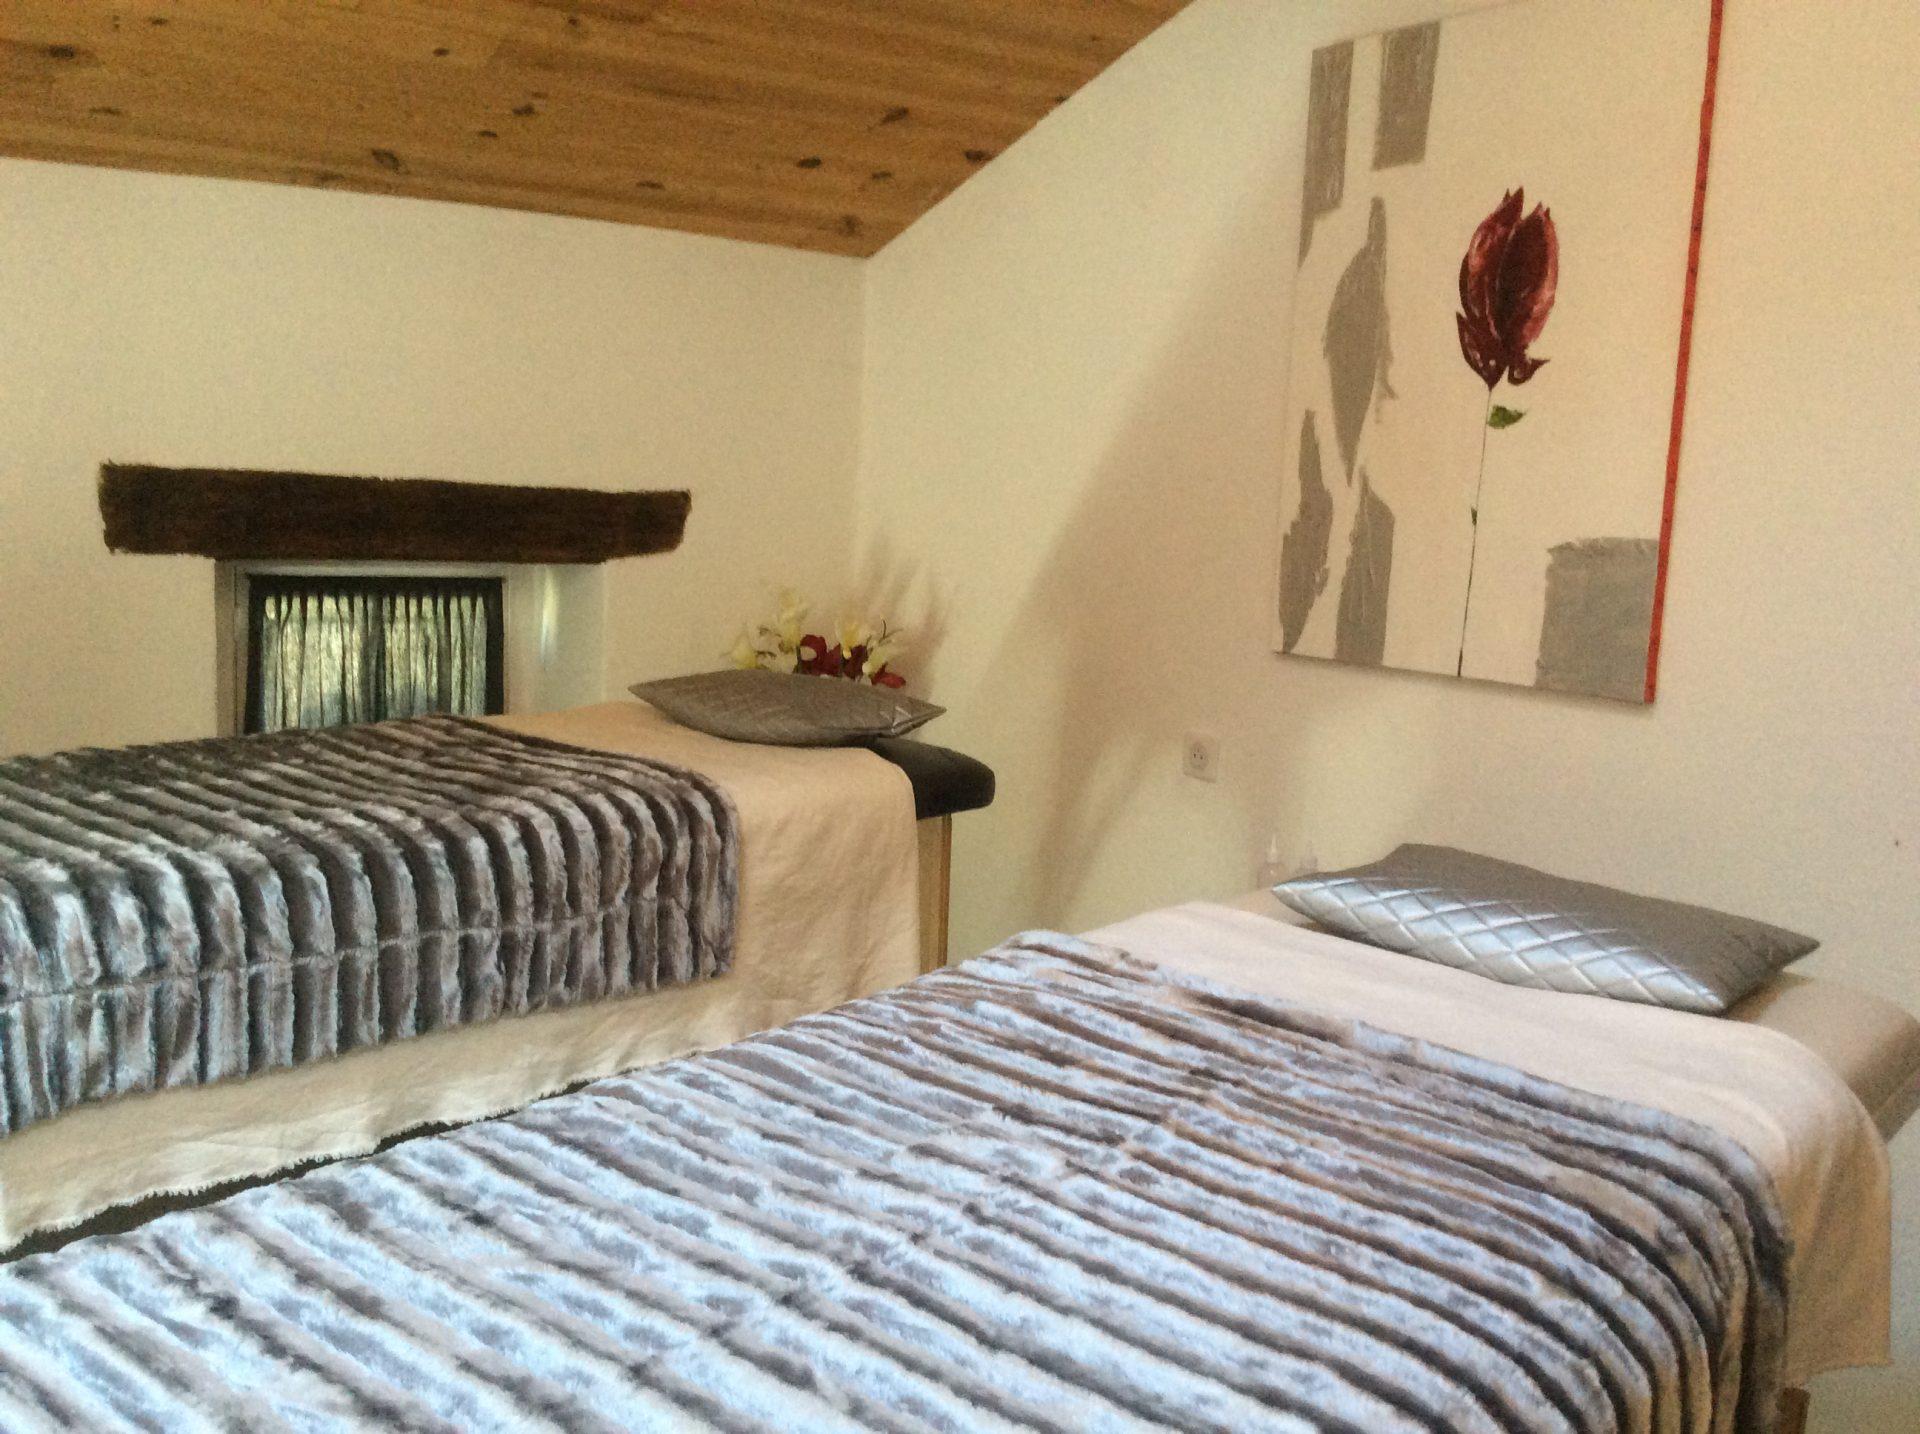 Les massages bien tre le clos pastel chambre d 39 h tes albi - Chambre d hote massage tantrique ...